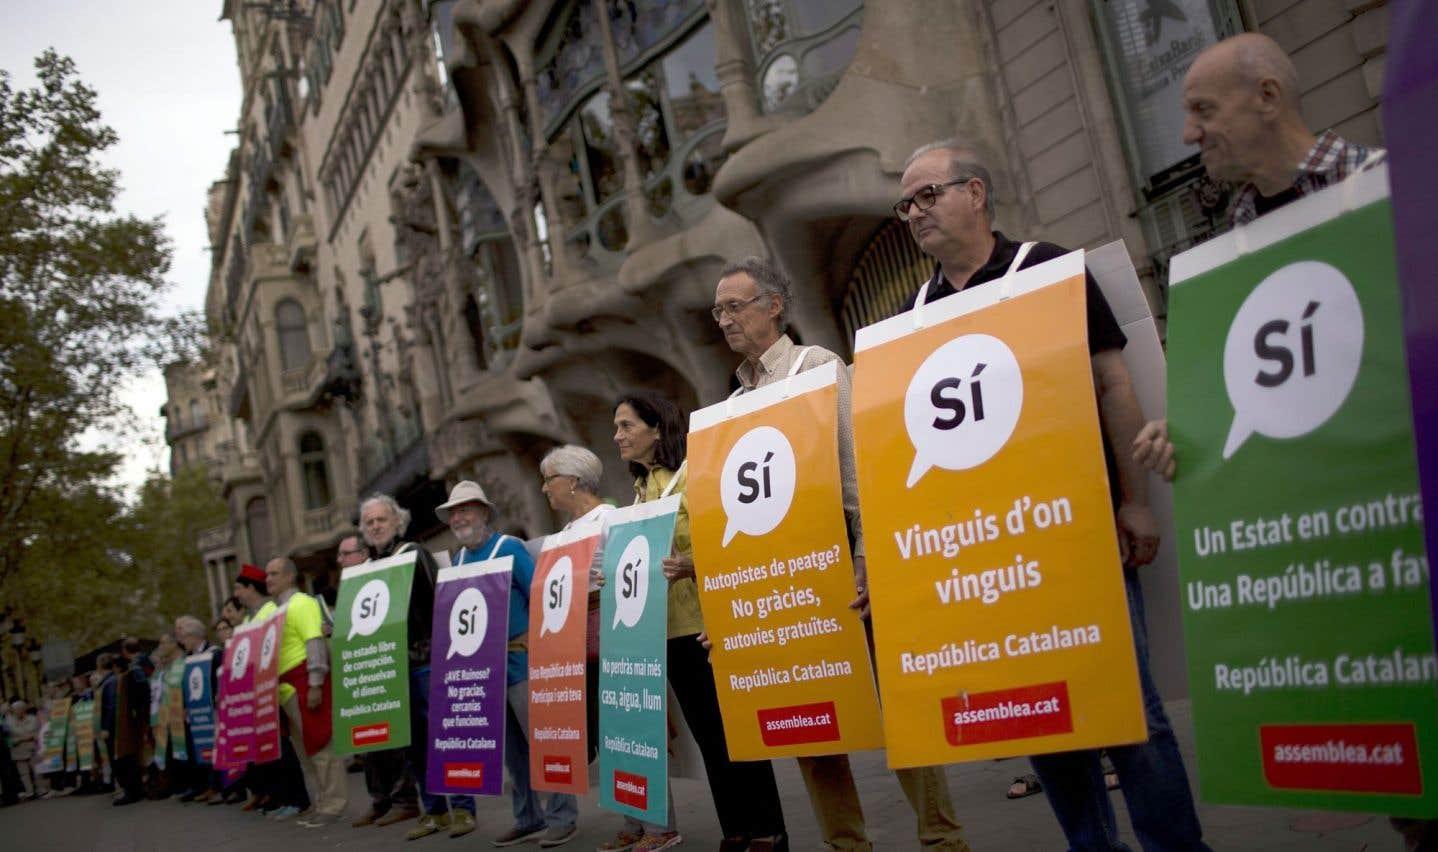 Catalogne: importante saisie de matériel en vue du référendum